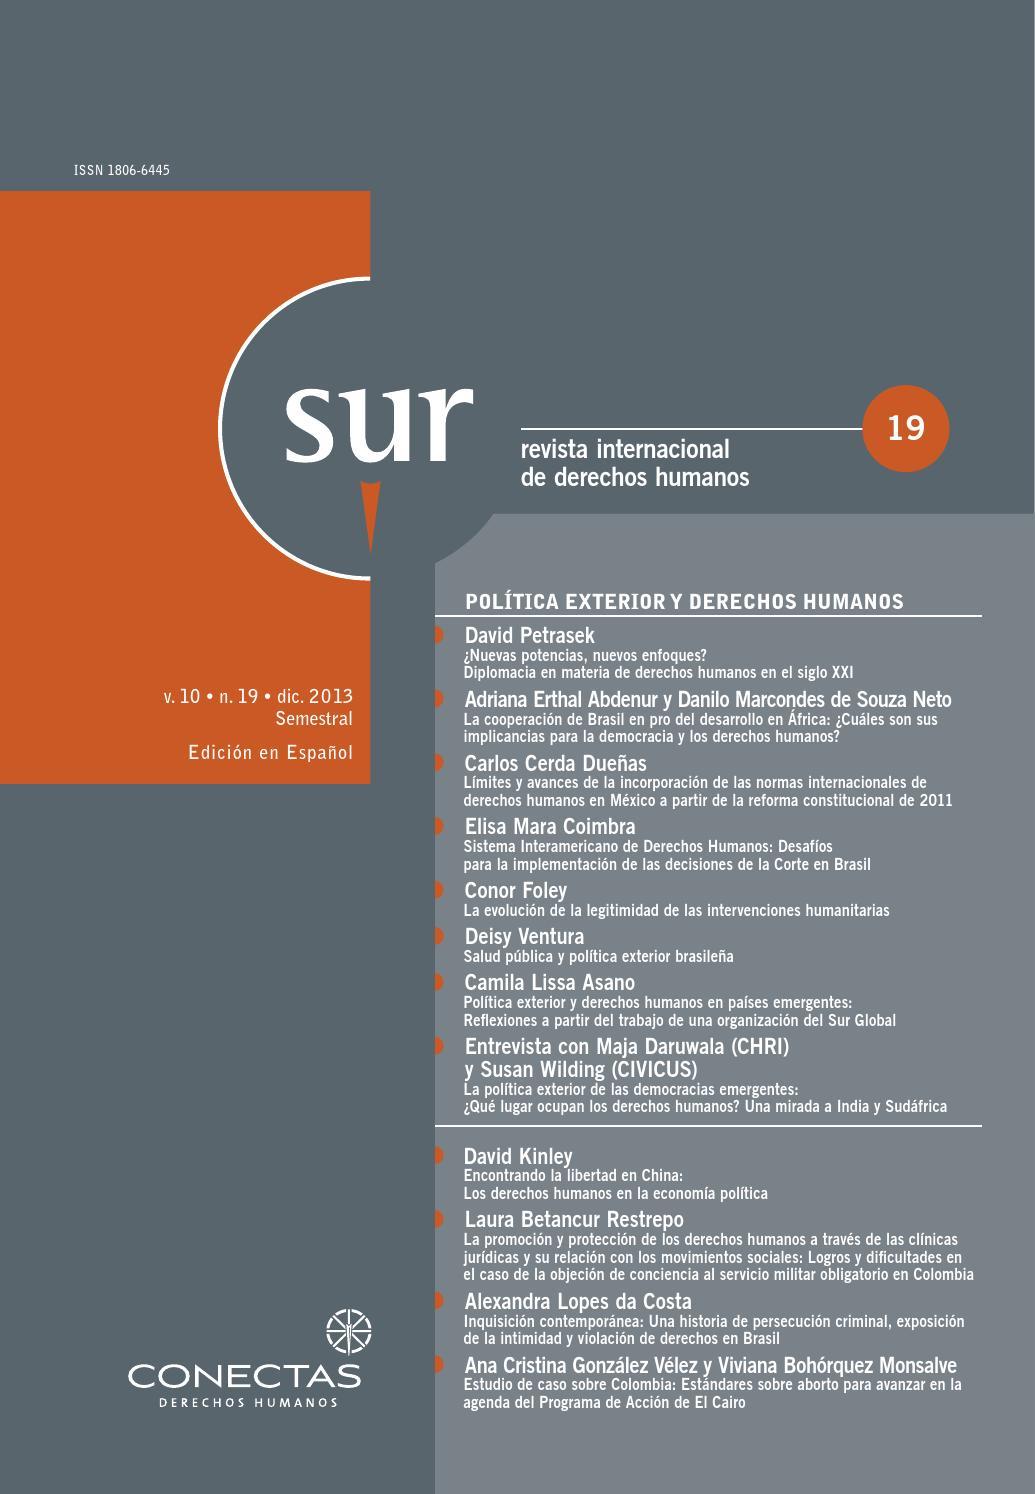 SUR 19 Español by Conectas Direitos Humanos - issuu